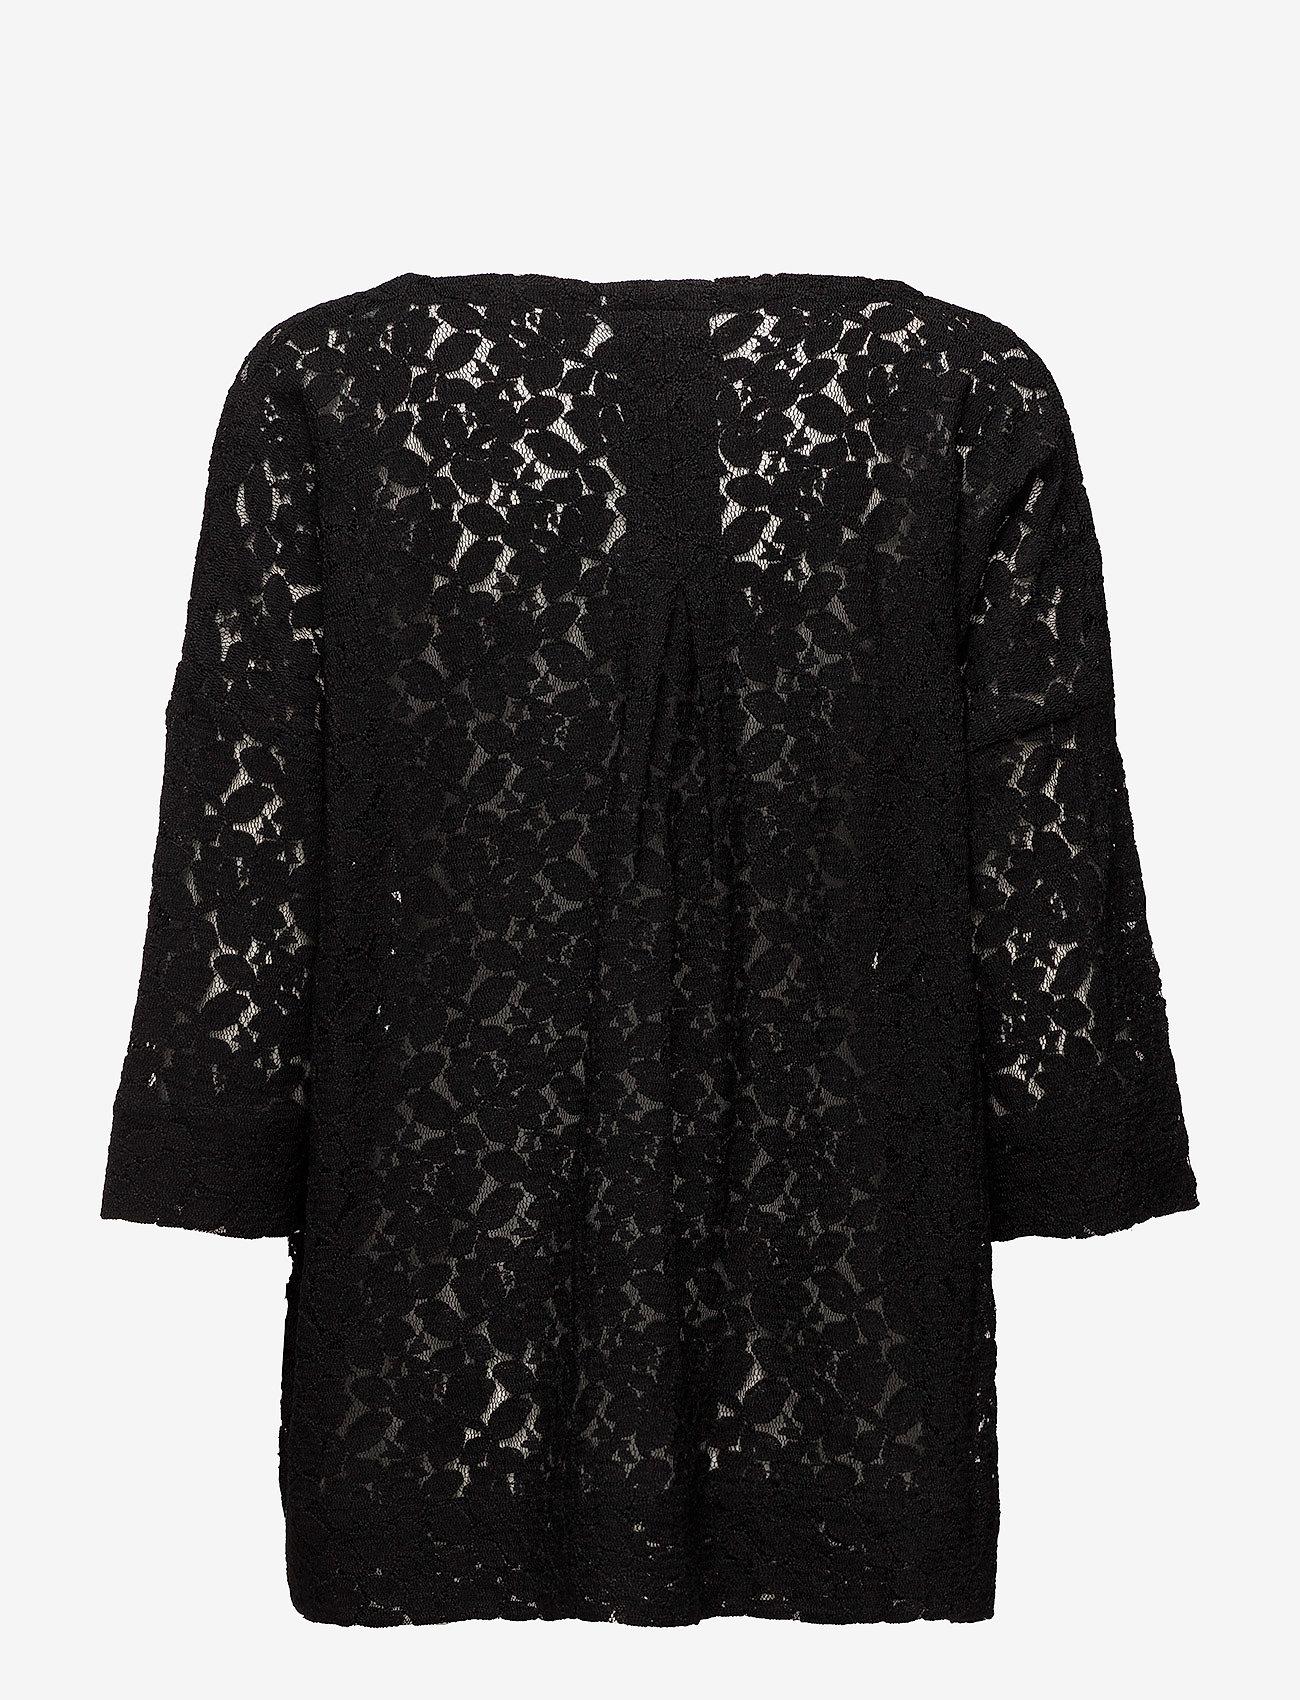 Masai Brandy top - Bluzki & Koszule BLACK - Kobiety Odzież.